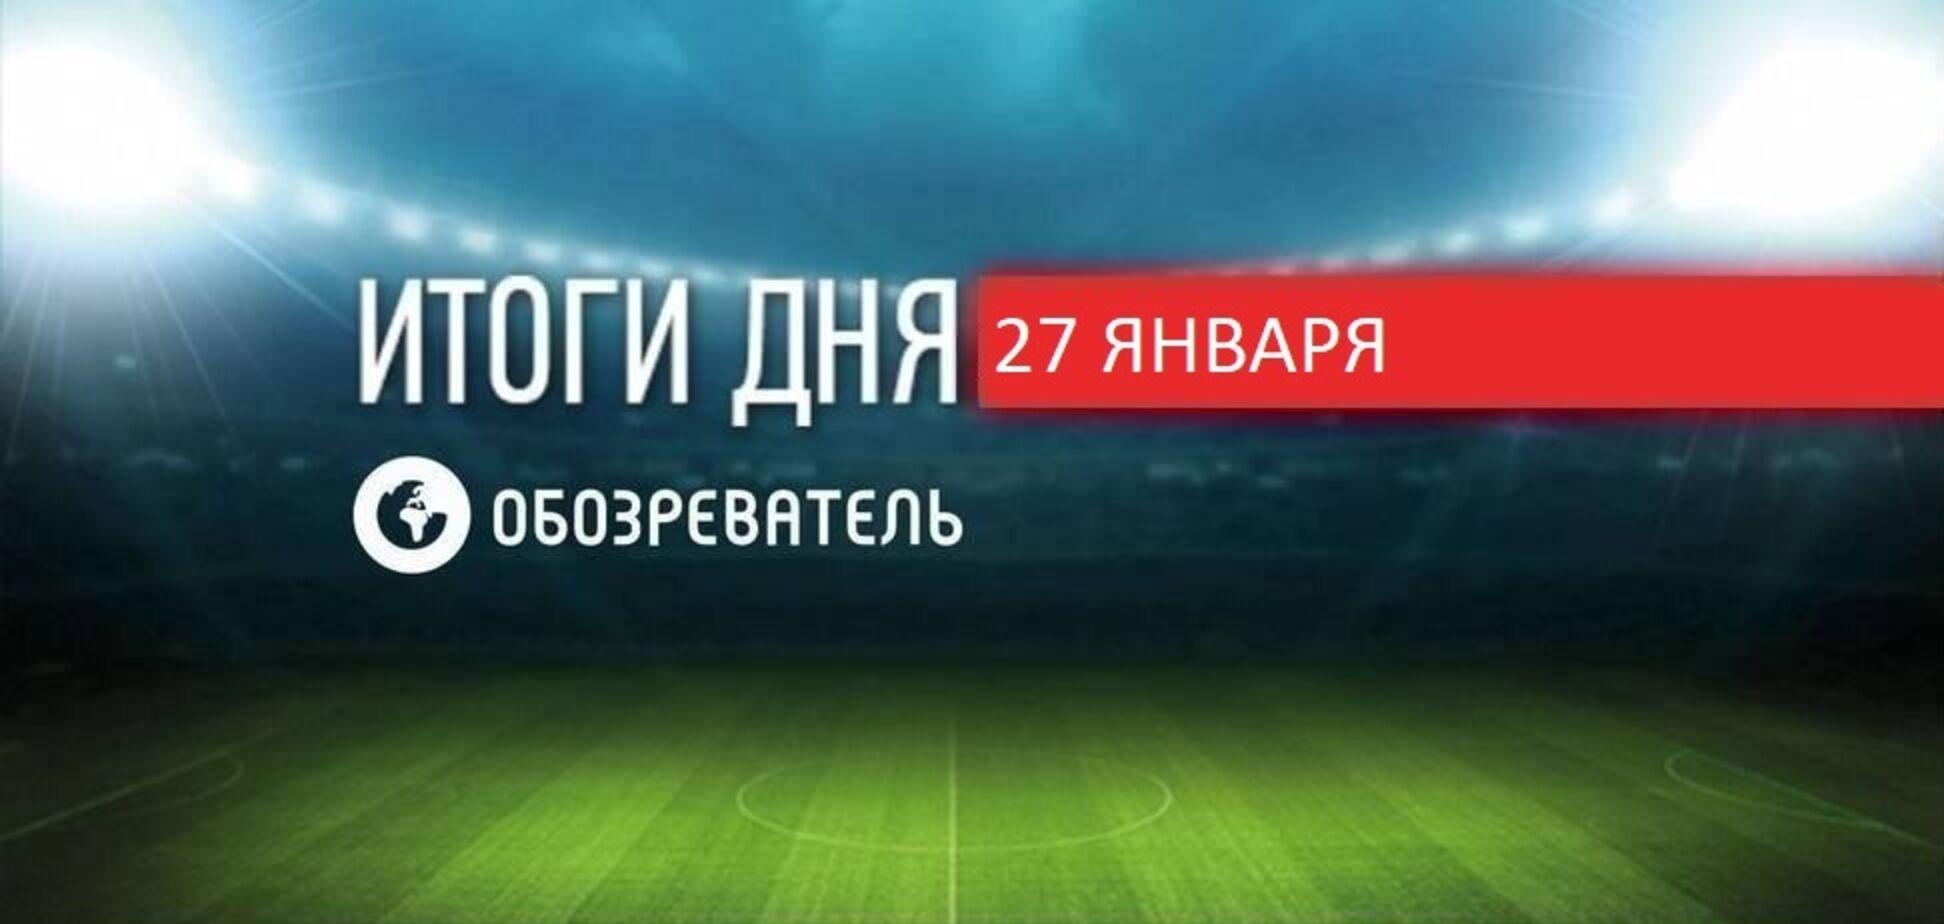 Суркіс назвав головну трансферну невдачу 'Динамо': спортивні підсумки 27 січня